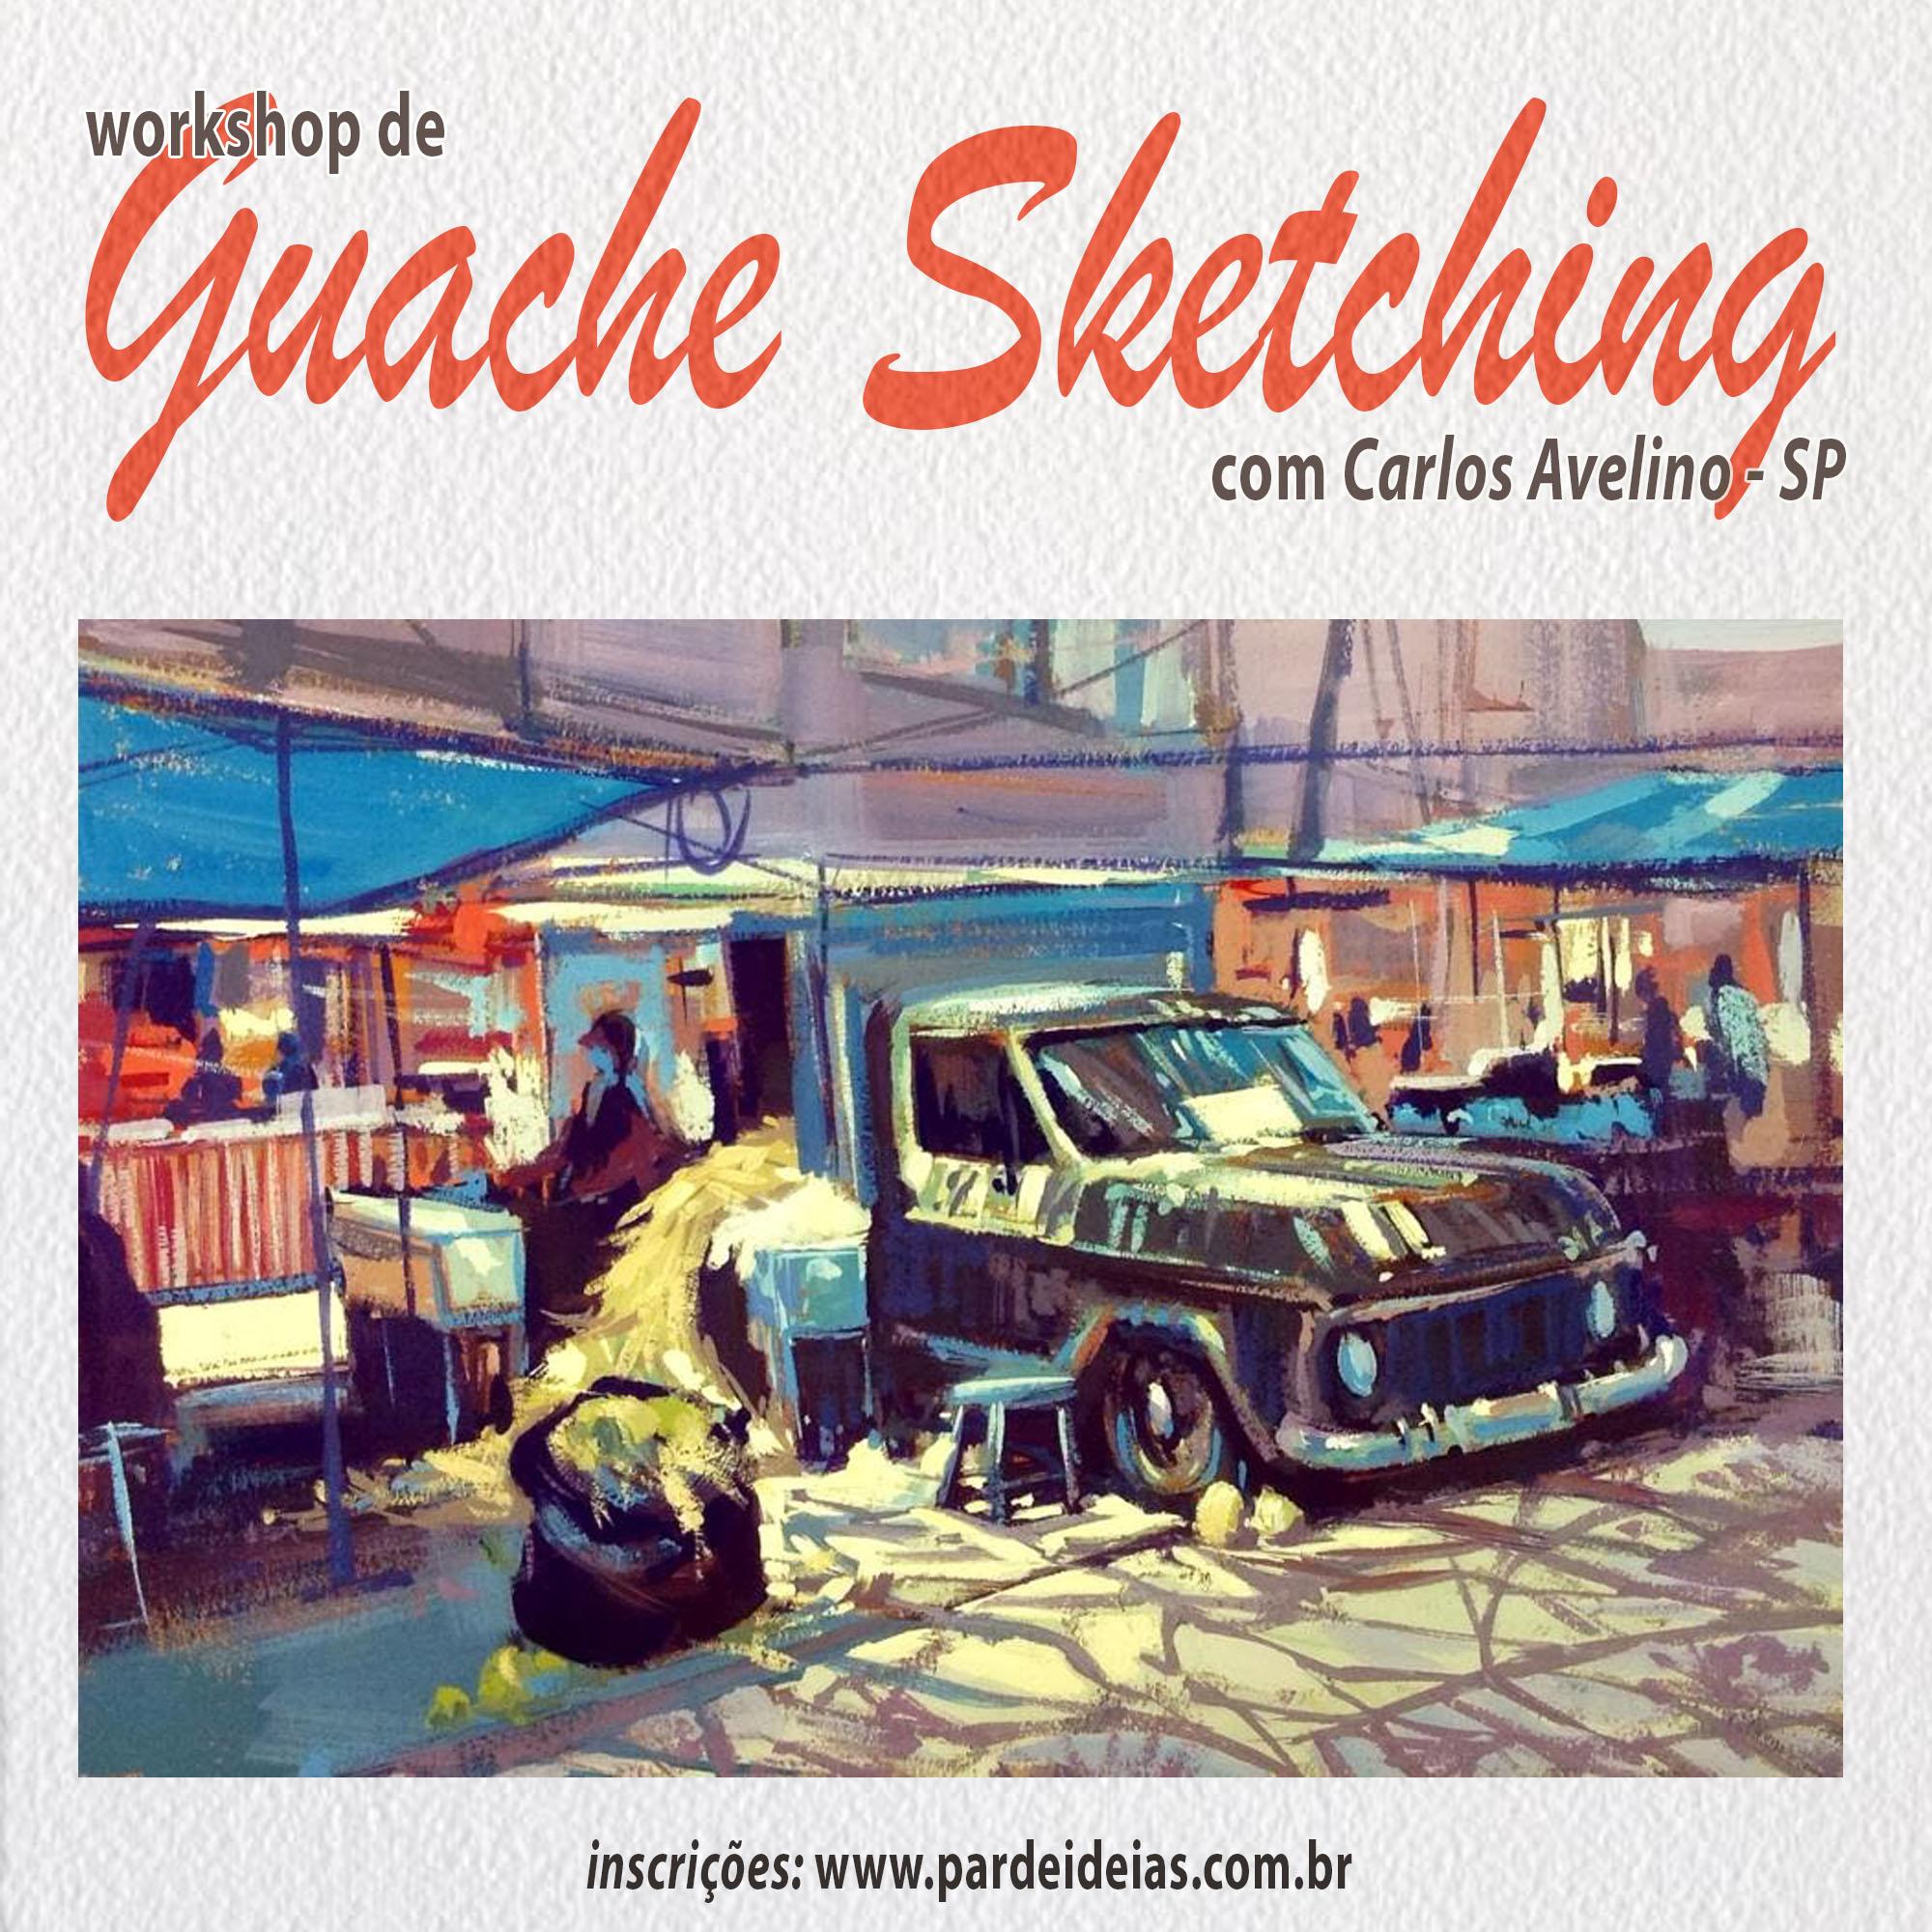 Guache Sketching